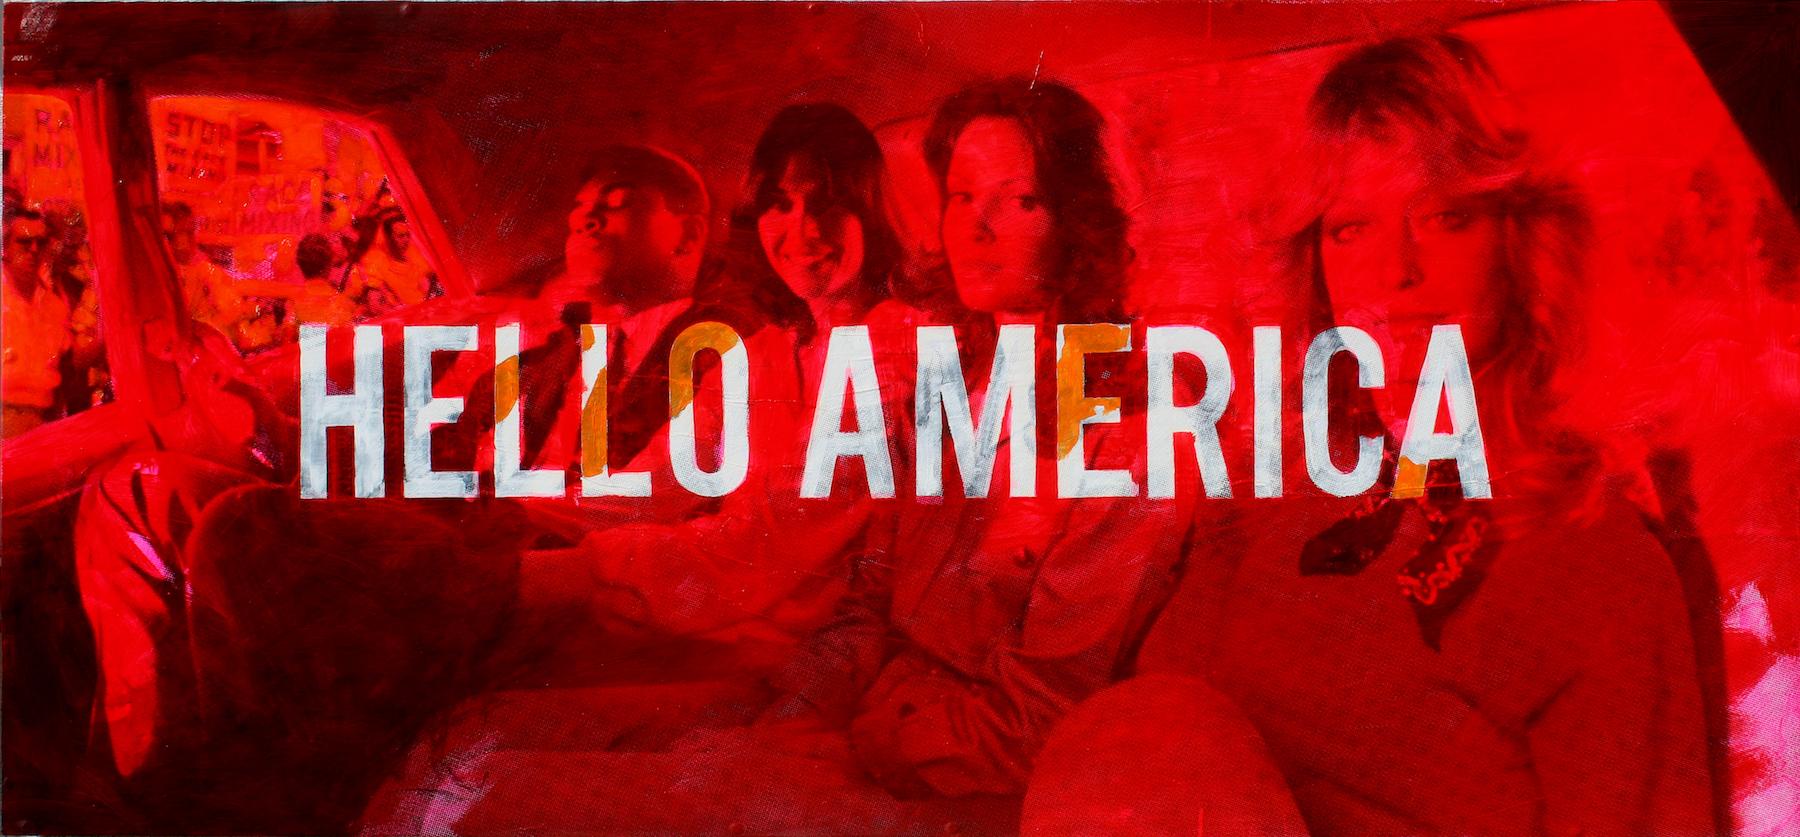 D.L. Warfield | Hello America - Ali and the Angles